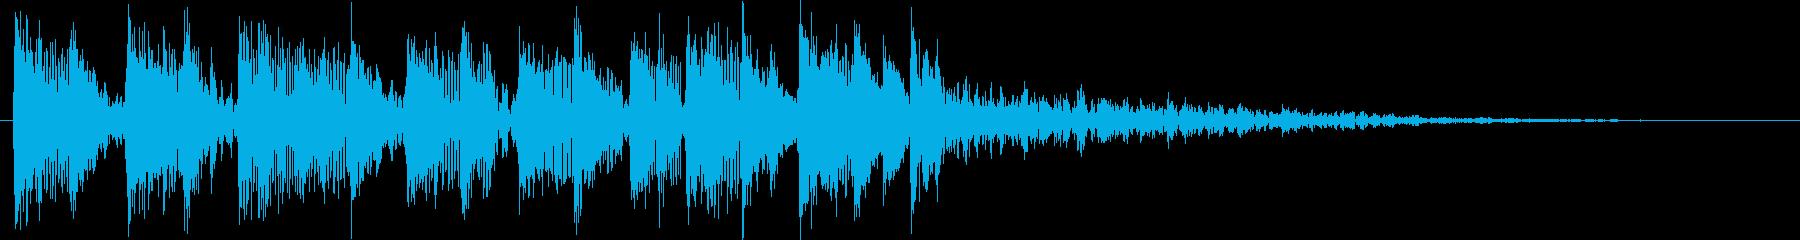 エレクトリックなカウントダウンのジングルの再生済みの波形